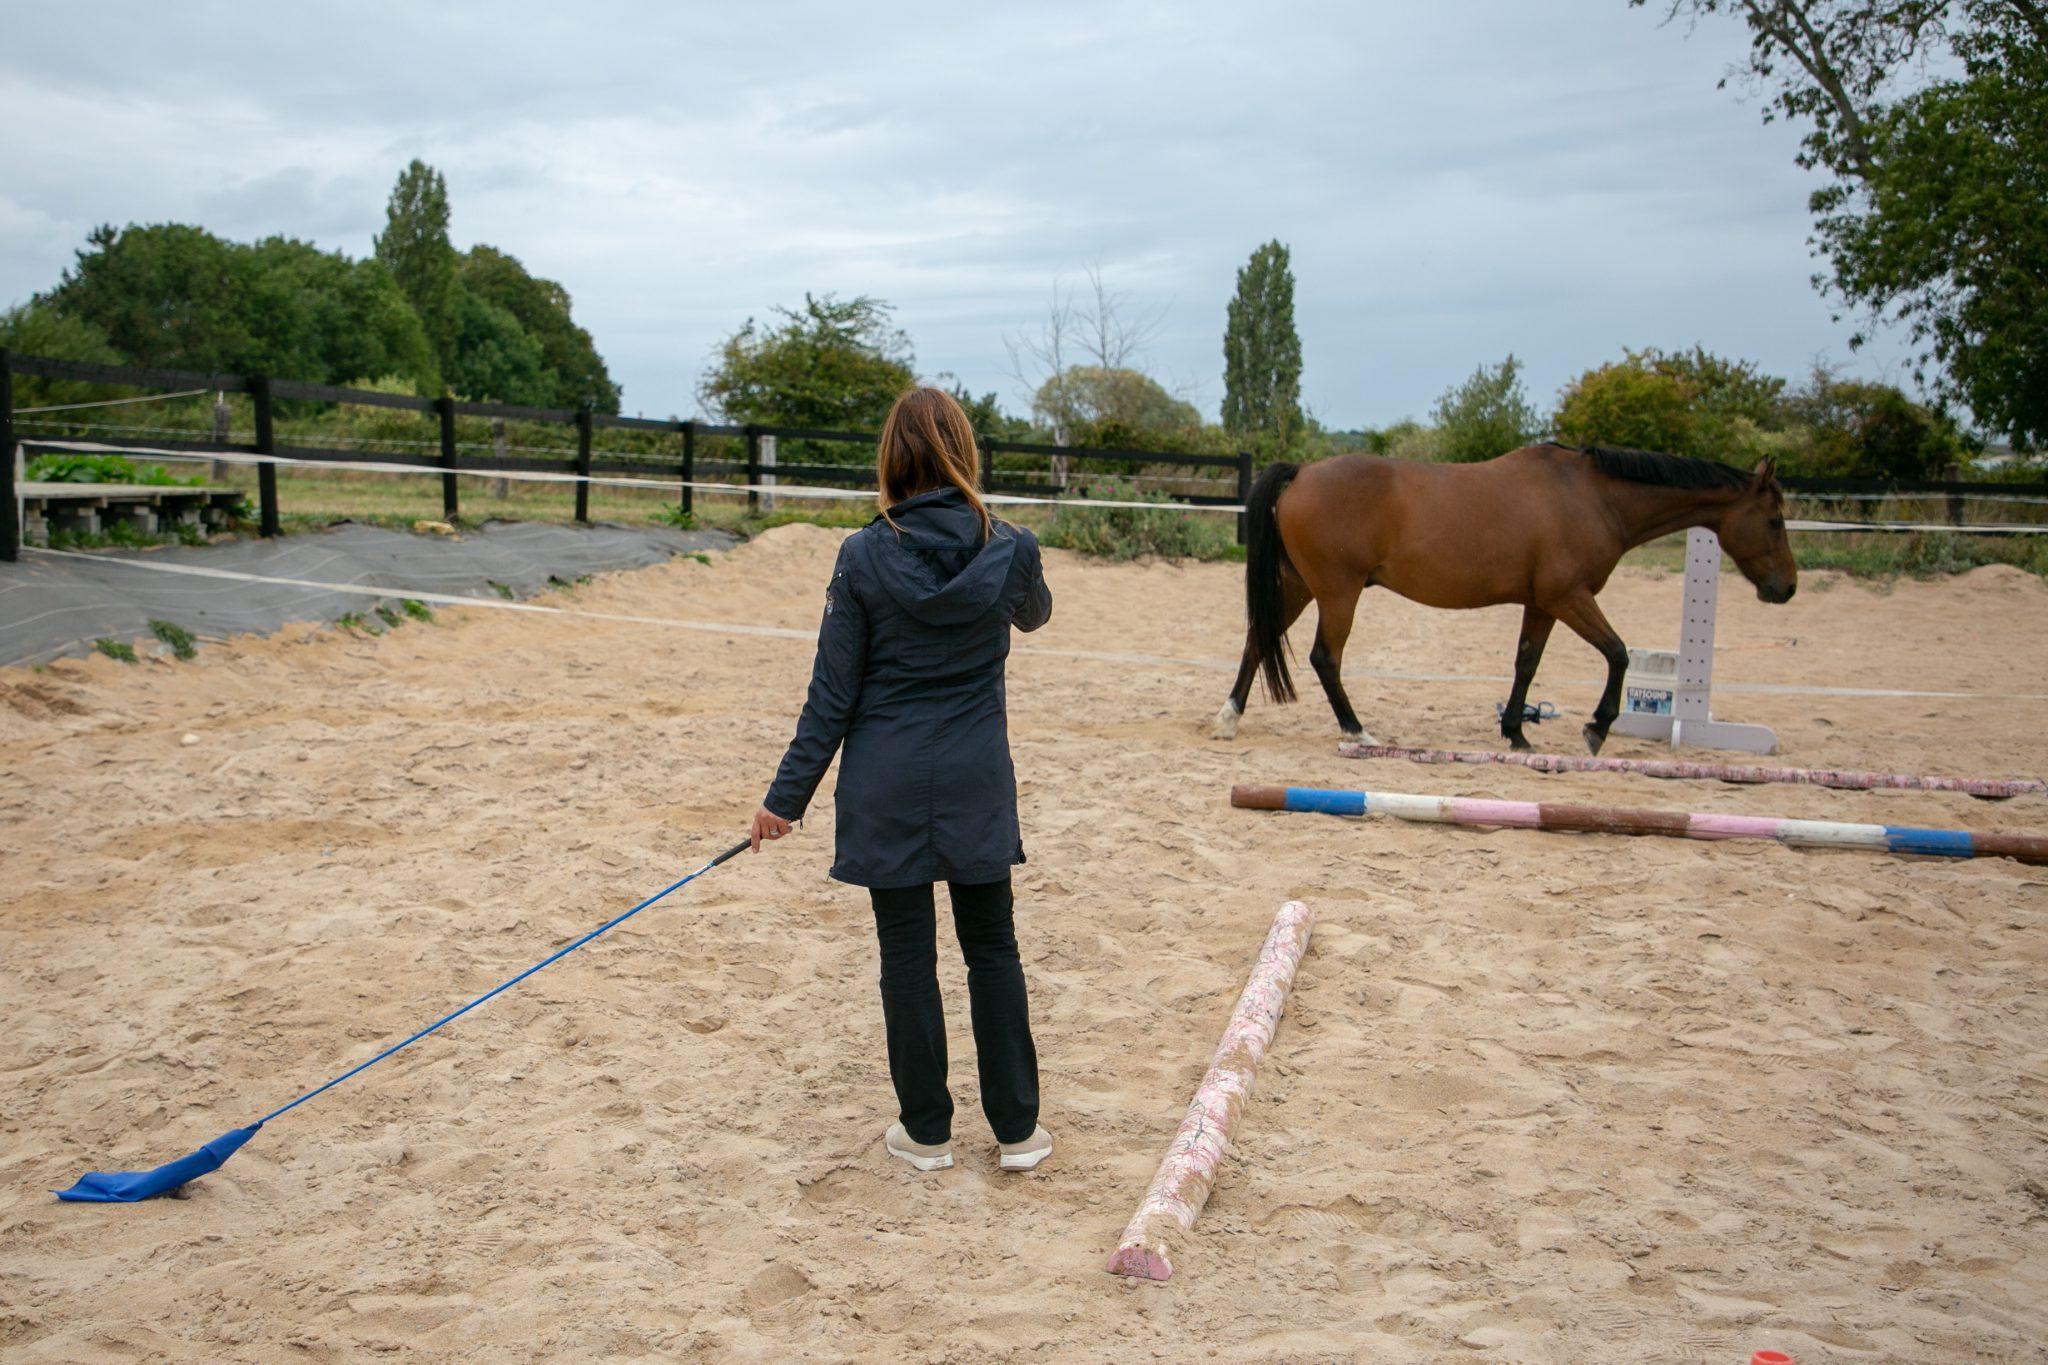 Savoir garder le cheval à distance tout en restant connecté à lui, l'une des subtilités d'une séance d'équicoaching.